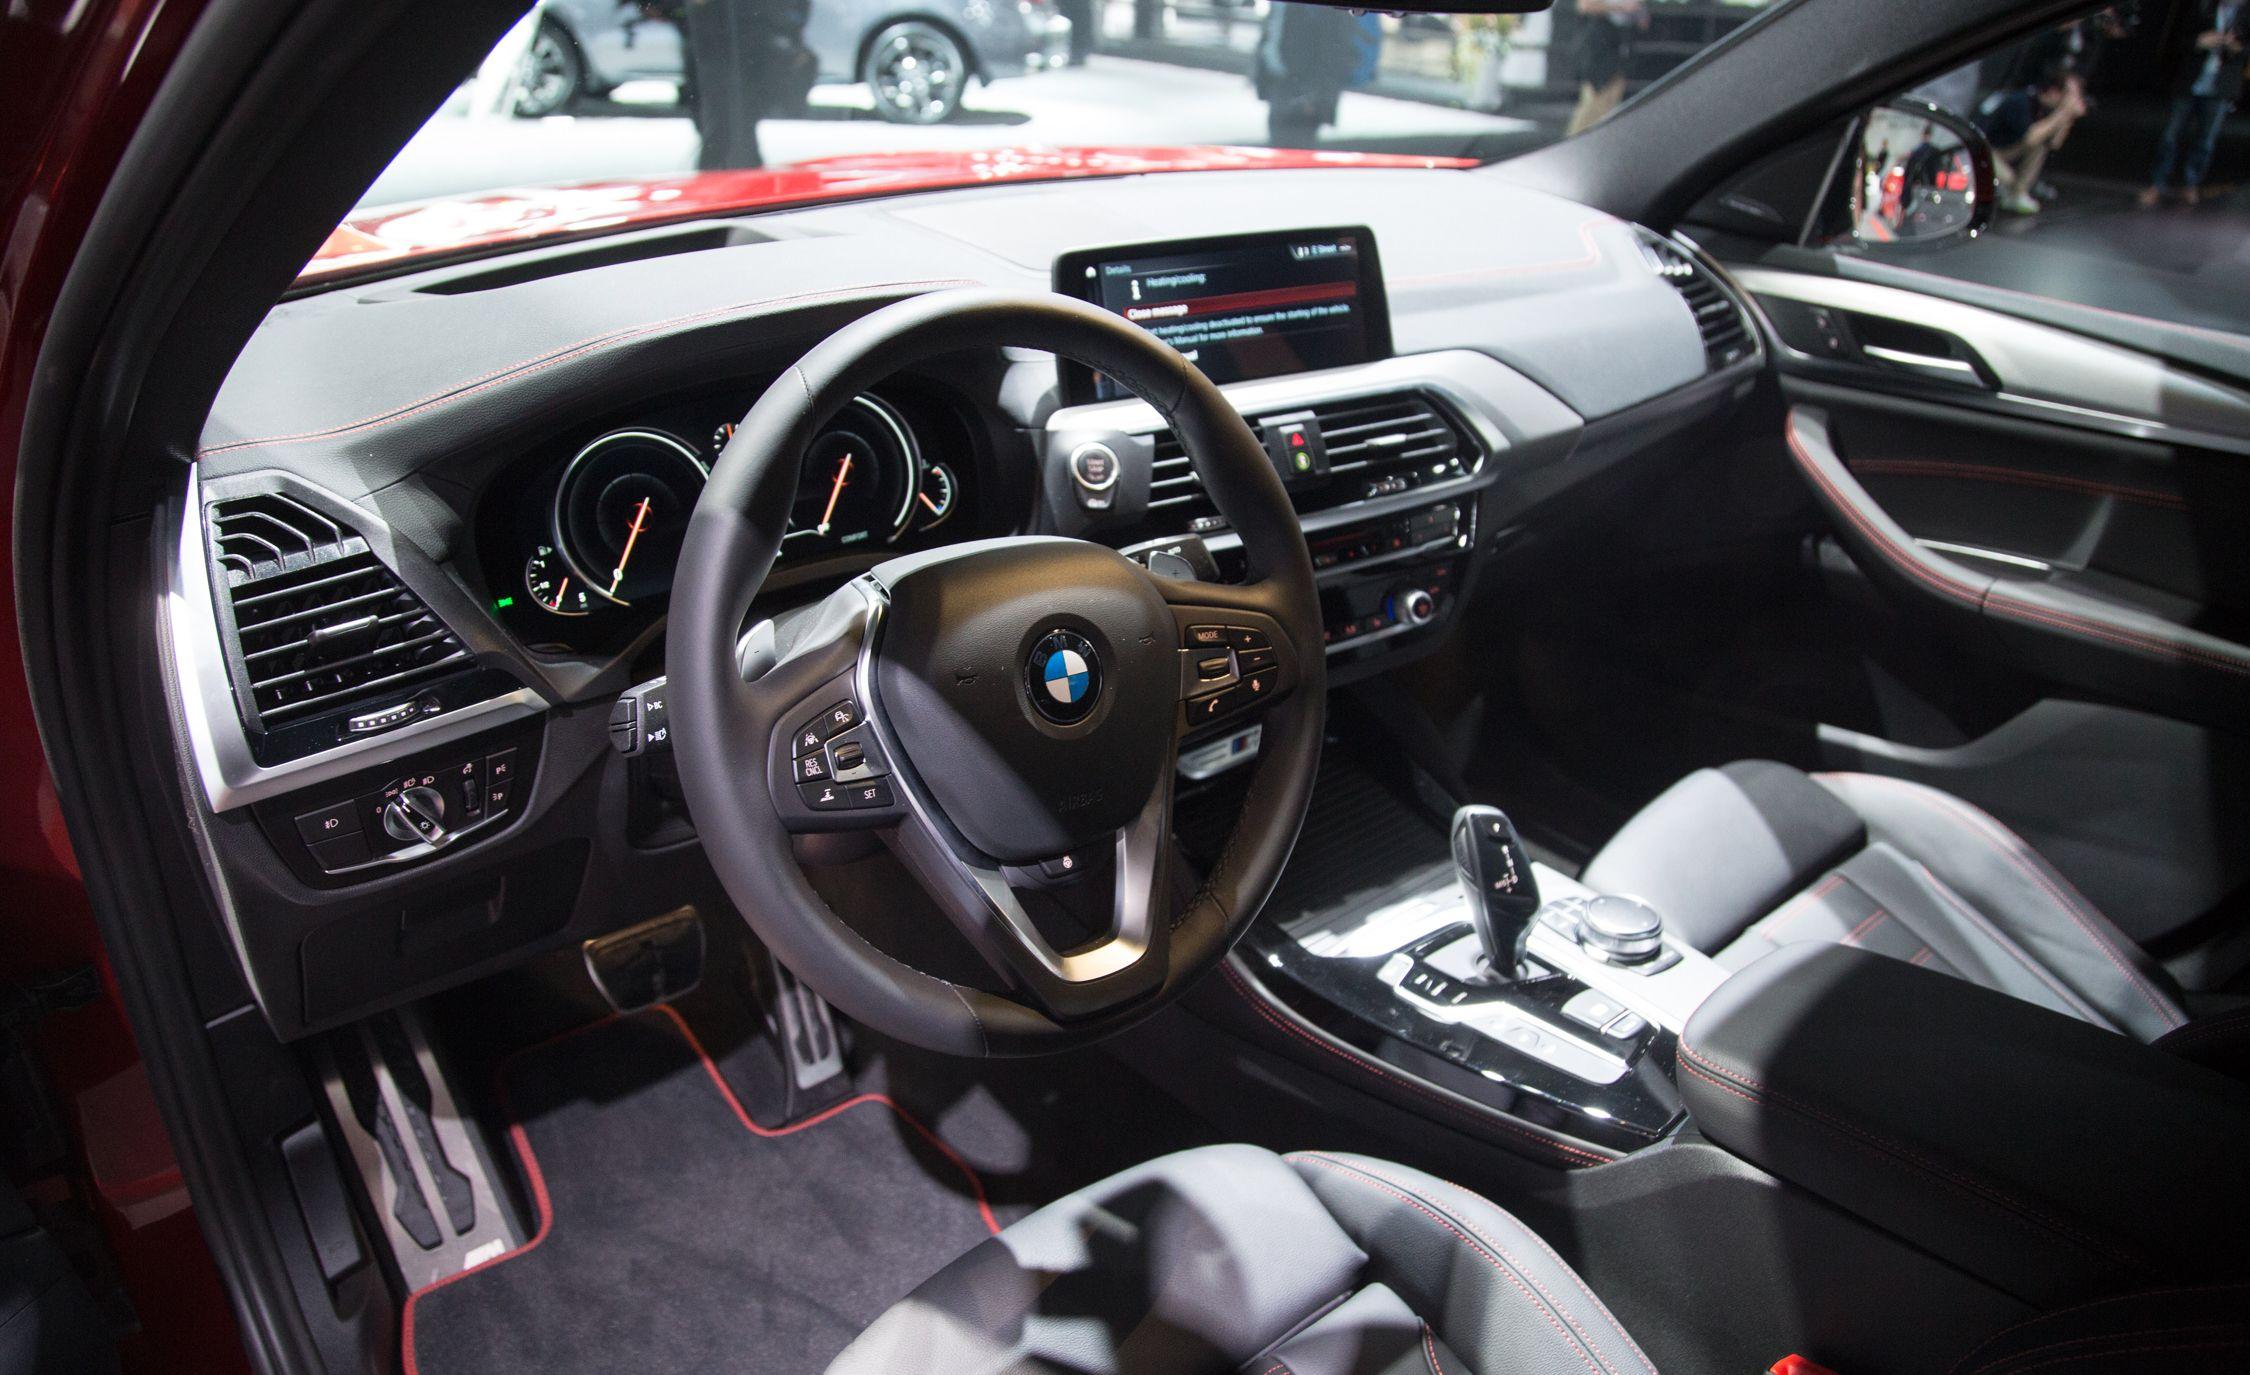 BMW X4 Reviews BMW X4 Price s and Specs